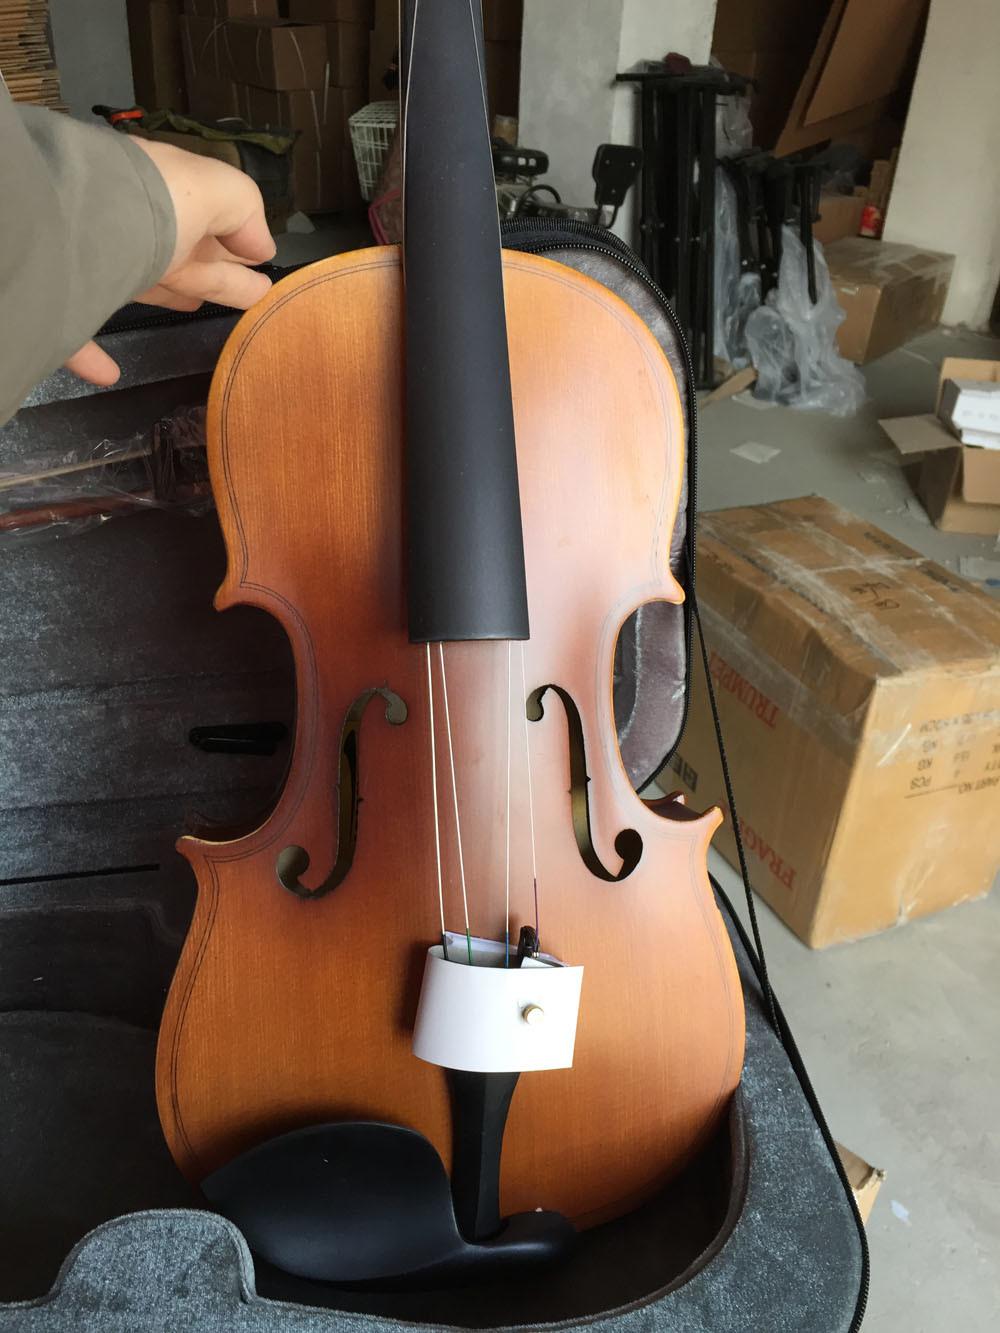 Antique Matt Finish Plywood Viola (VA-900)